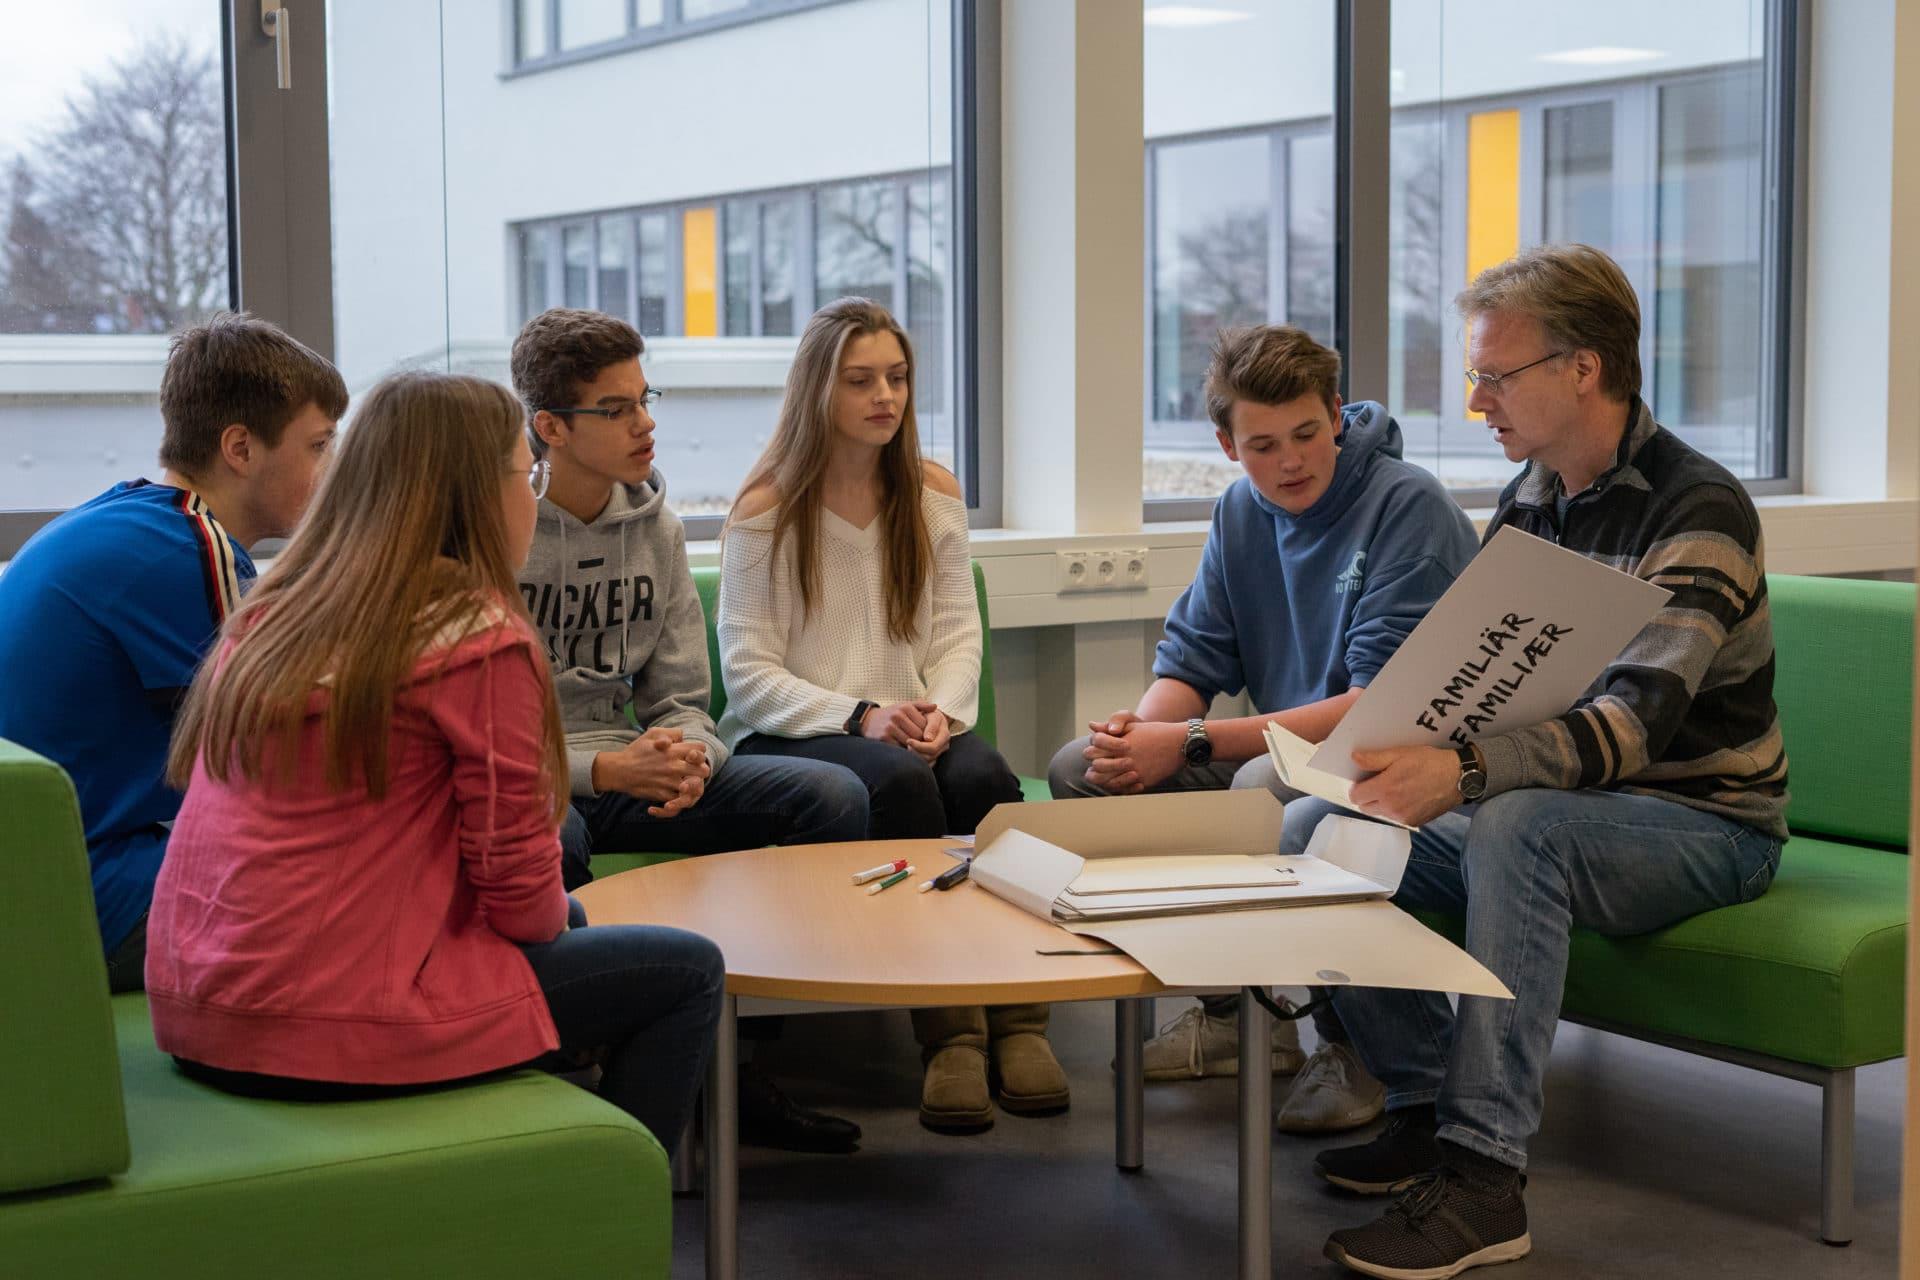 Schülerfrage: Welche Zukunft wünscht ihr euch?